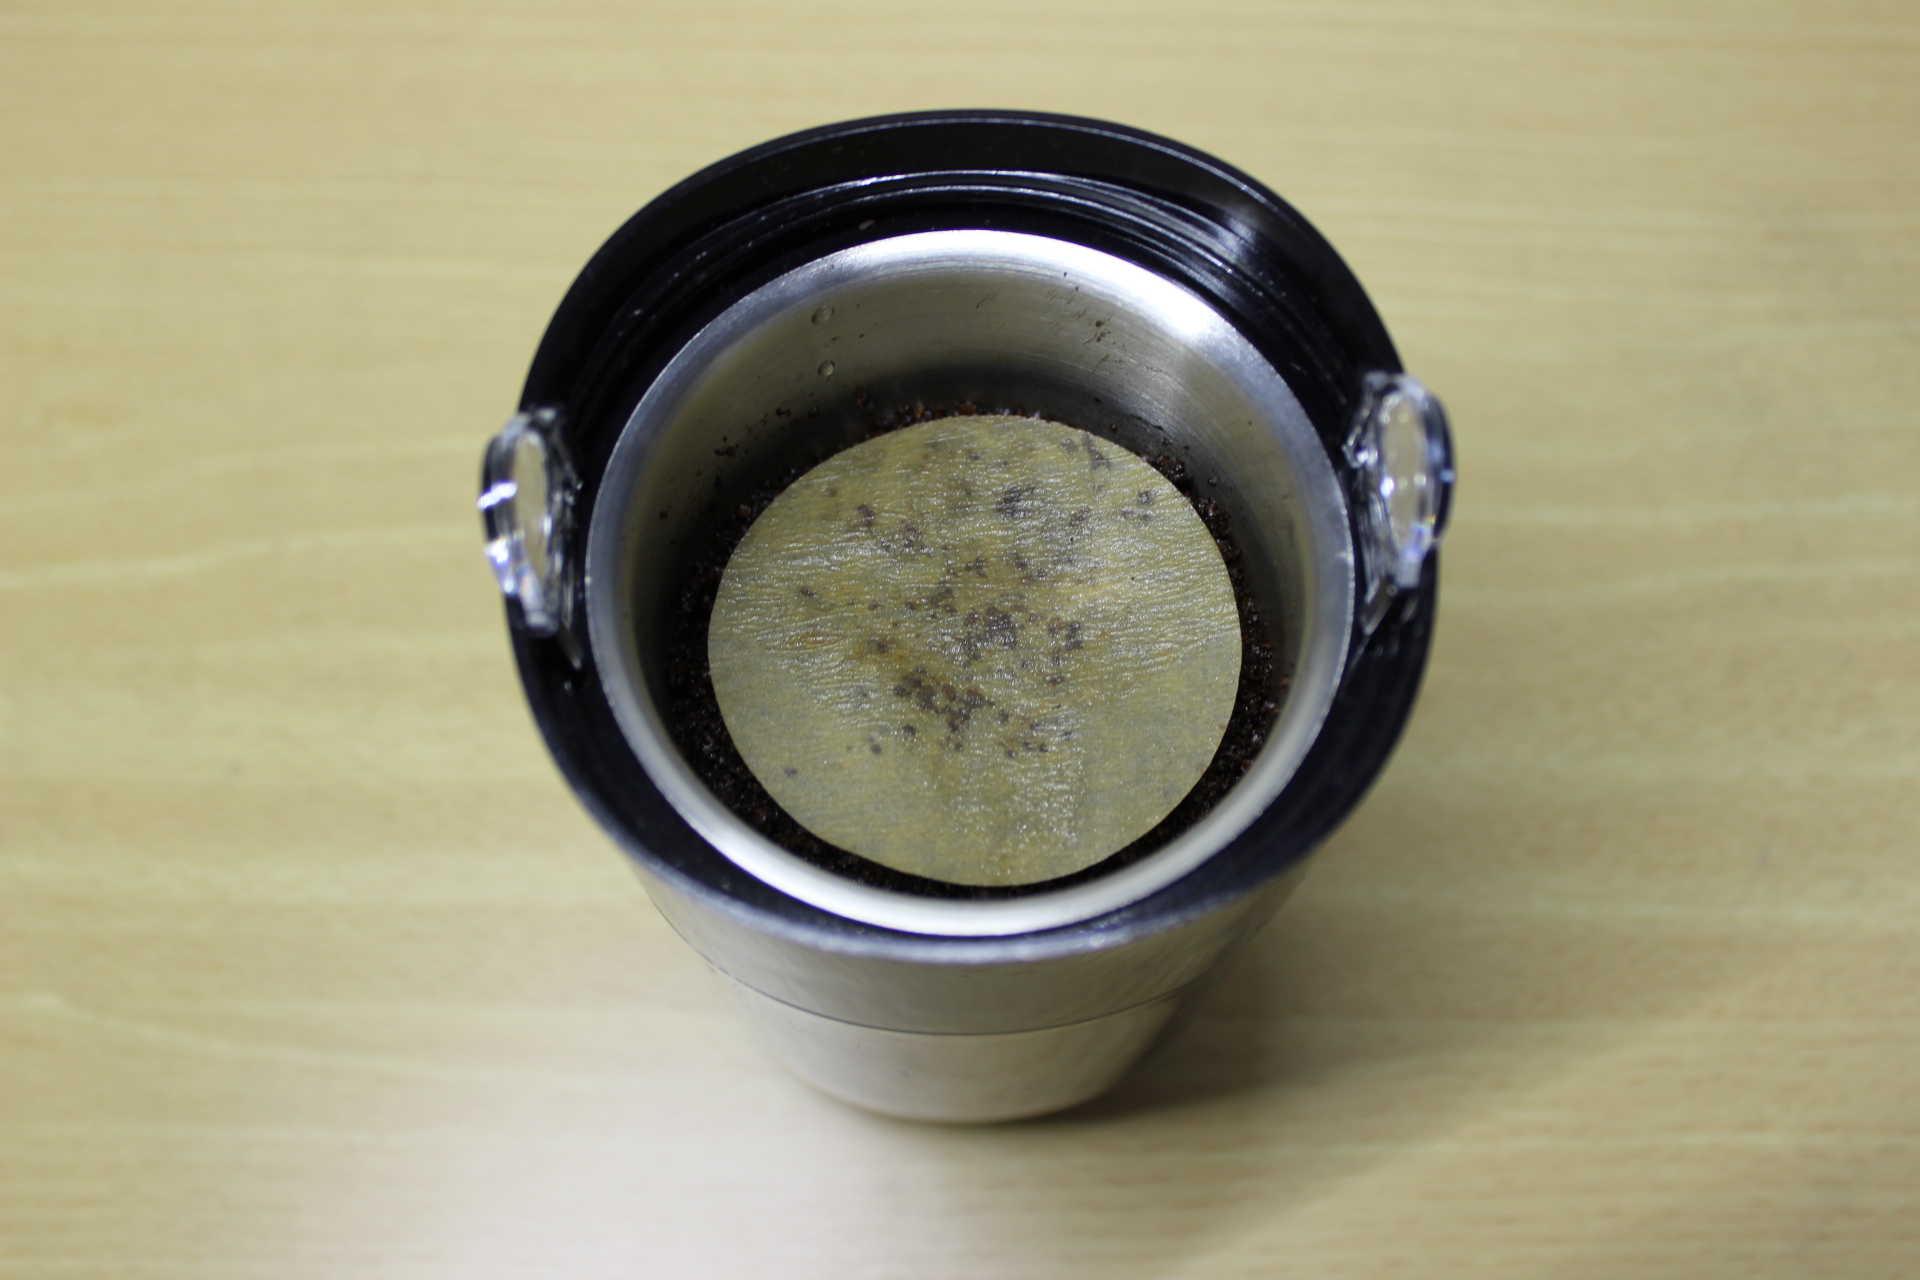 コールドブリューが作れるWiswell Water Dripperのコーヒーバスケットに入れたコーヒーパウダーを湿らせてしめたフィルターを乗せた